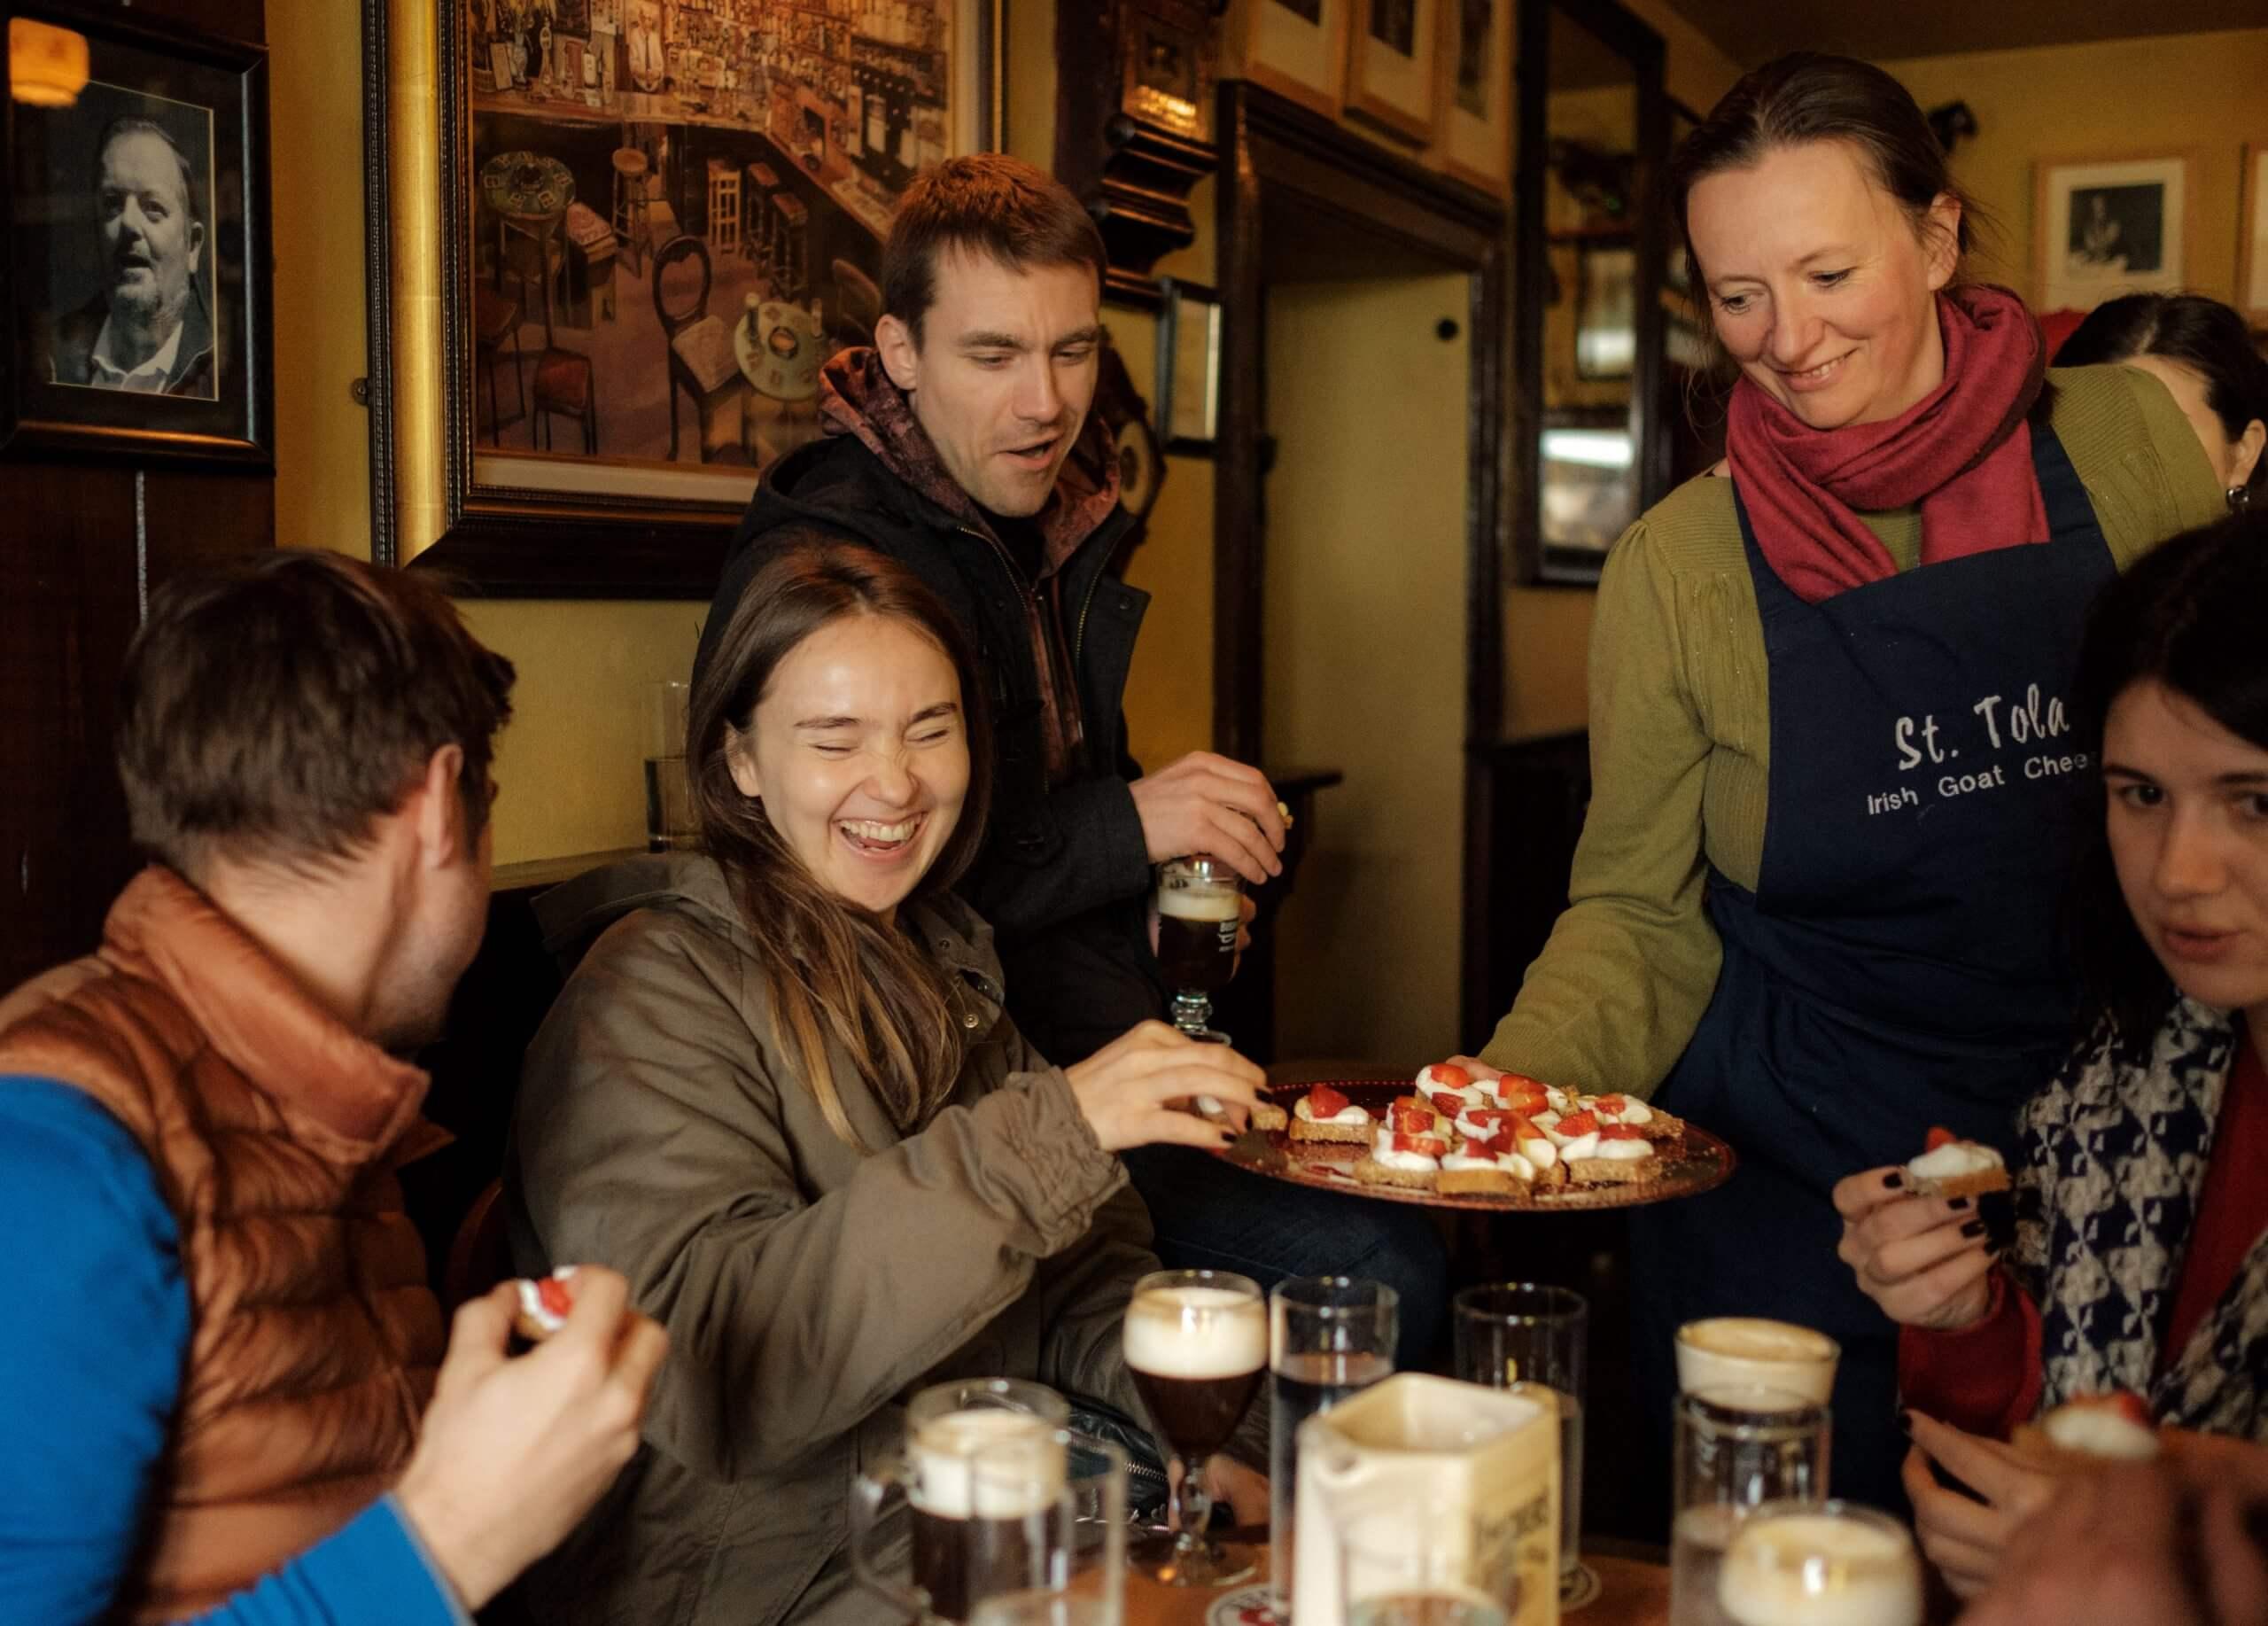 St. Tola Pub in Ireland'